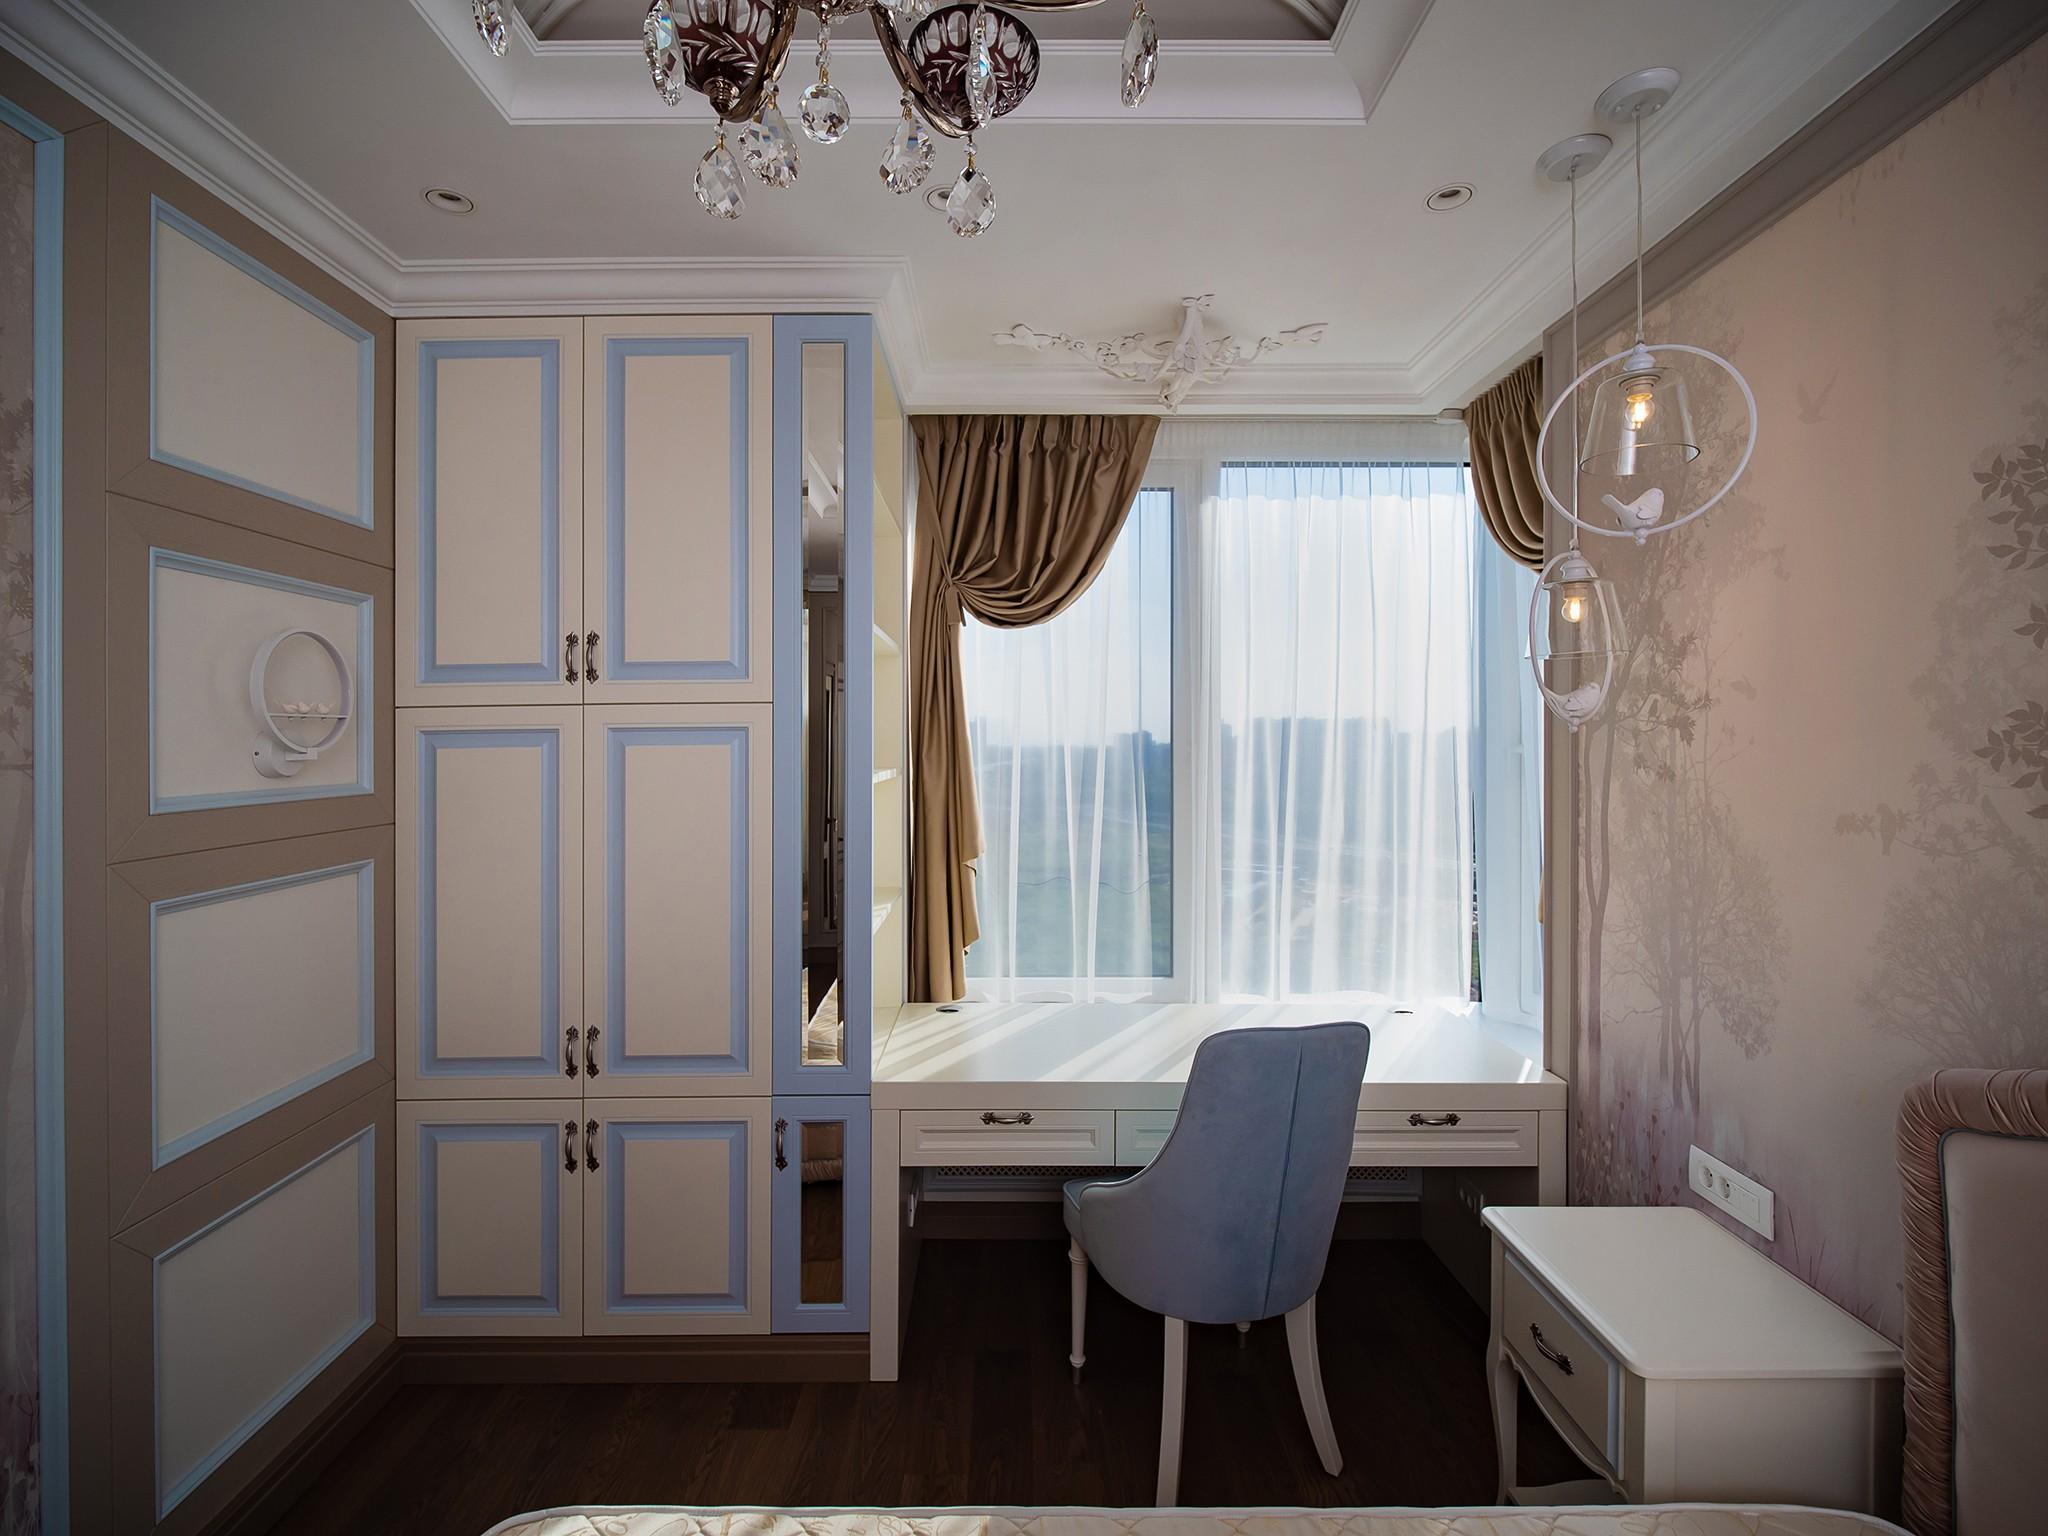 40 мебельных фото в интерьере маленькой комнаты + О технических сложностях интерьерной съемки